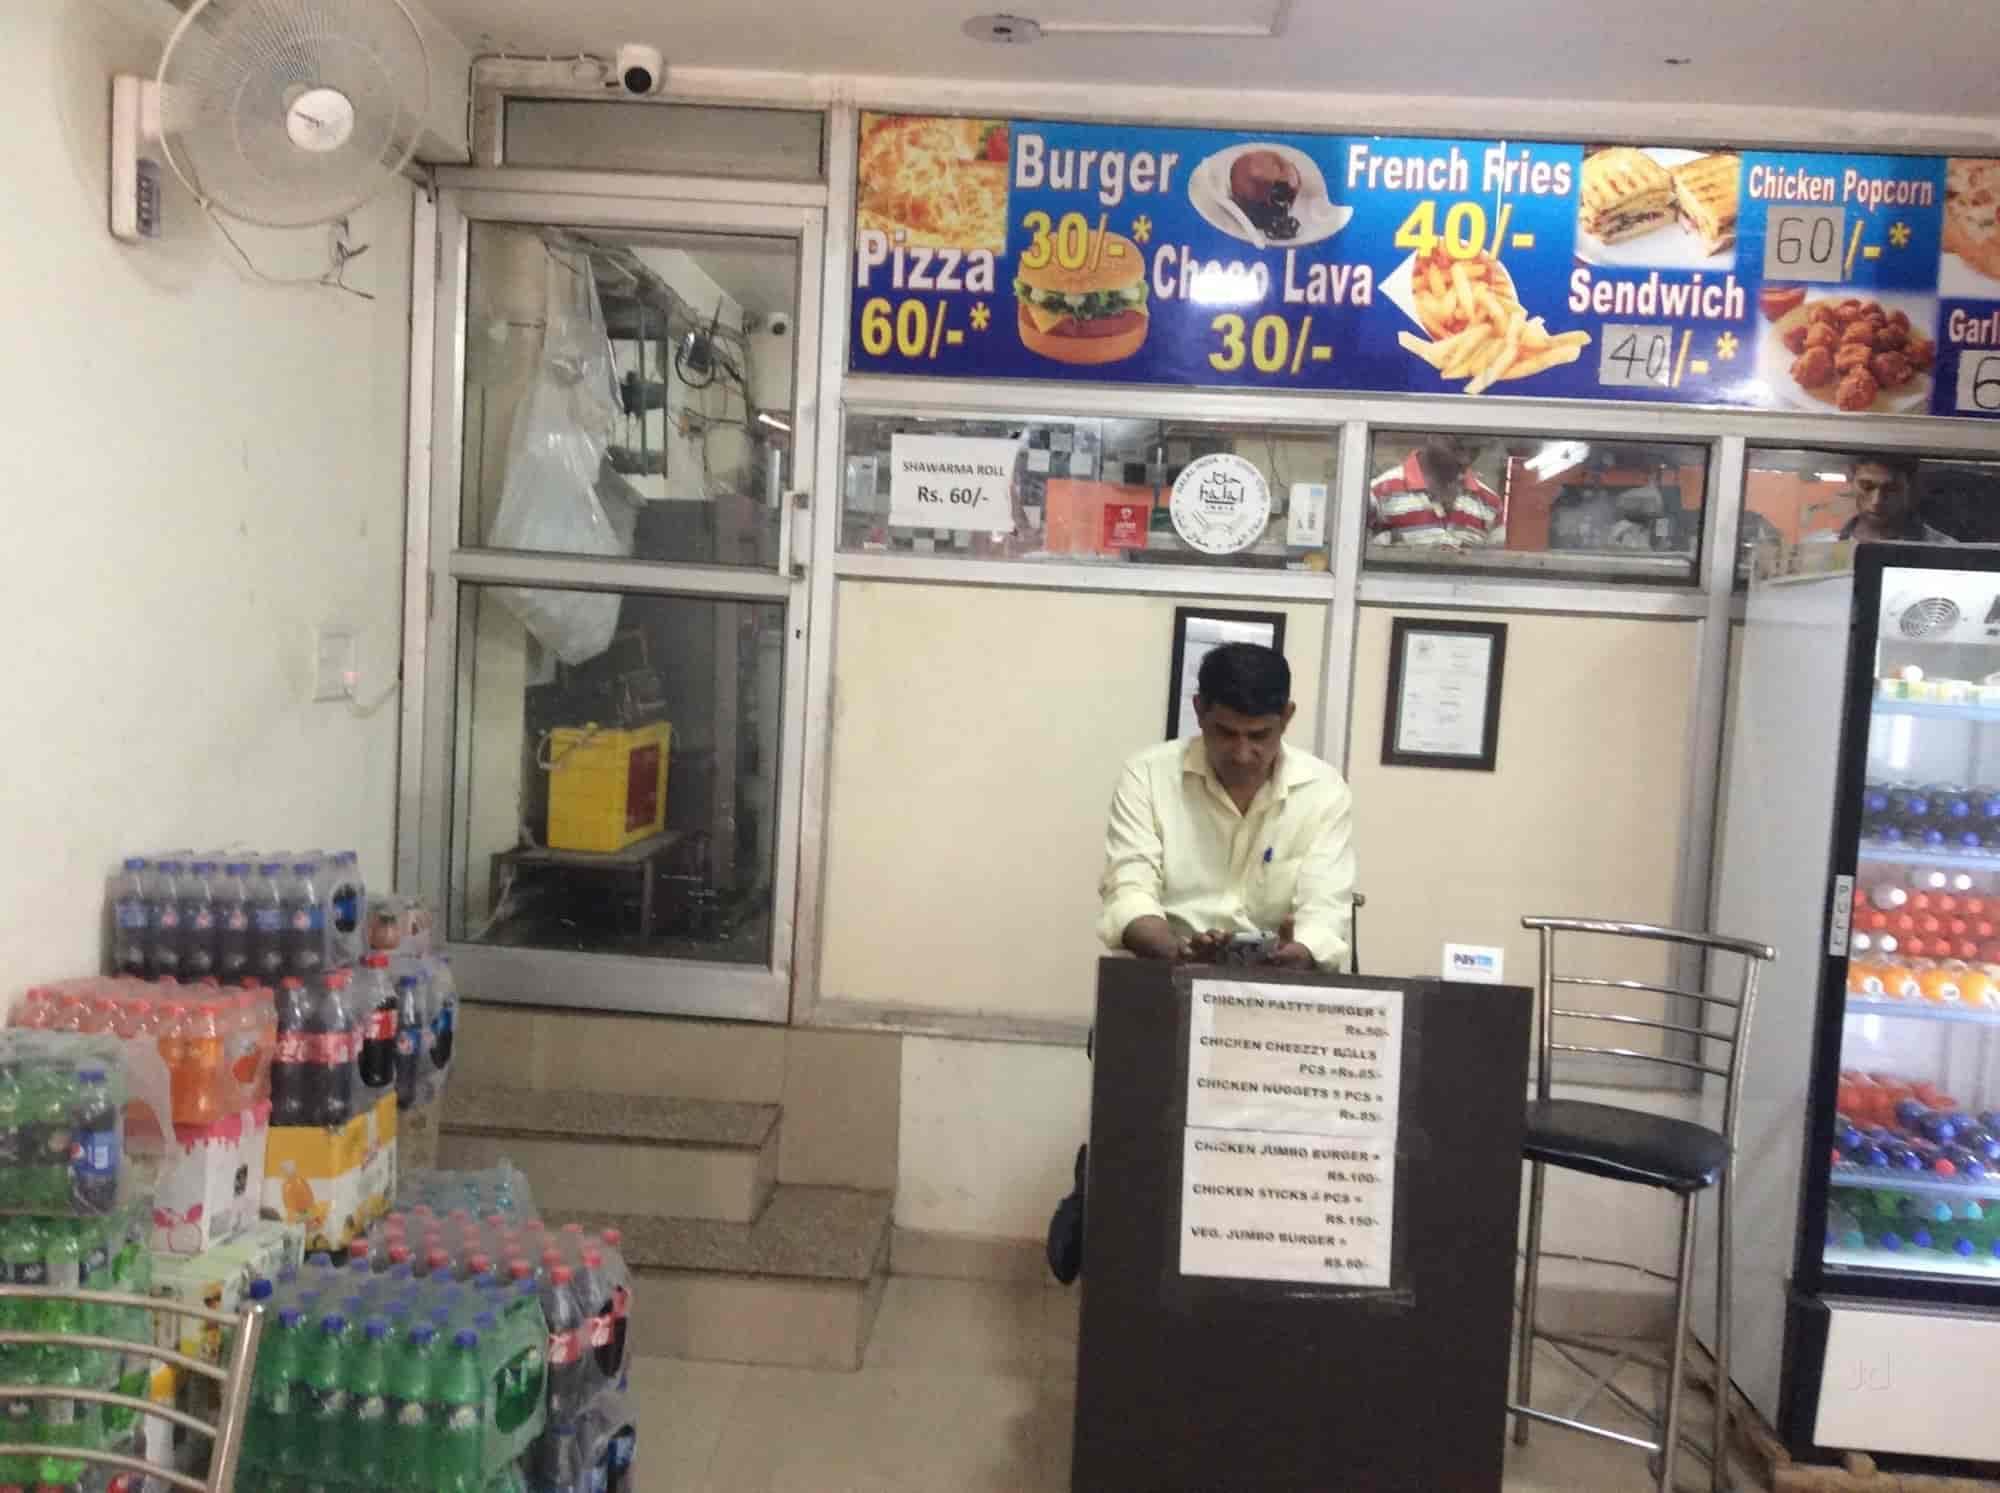 Halal Food 4 U Shaheen Bagh Jamia Nagar Delhi Italian Fast Food Rolls Cuisine Restaurant Justdial